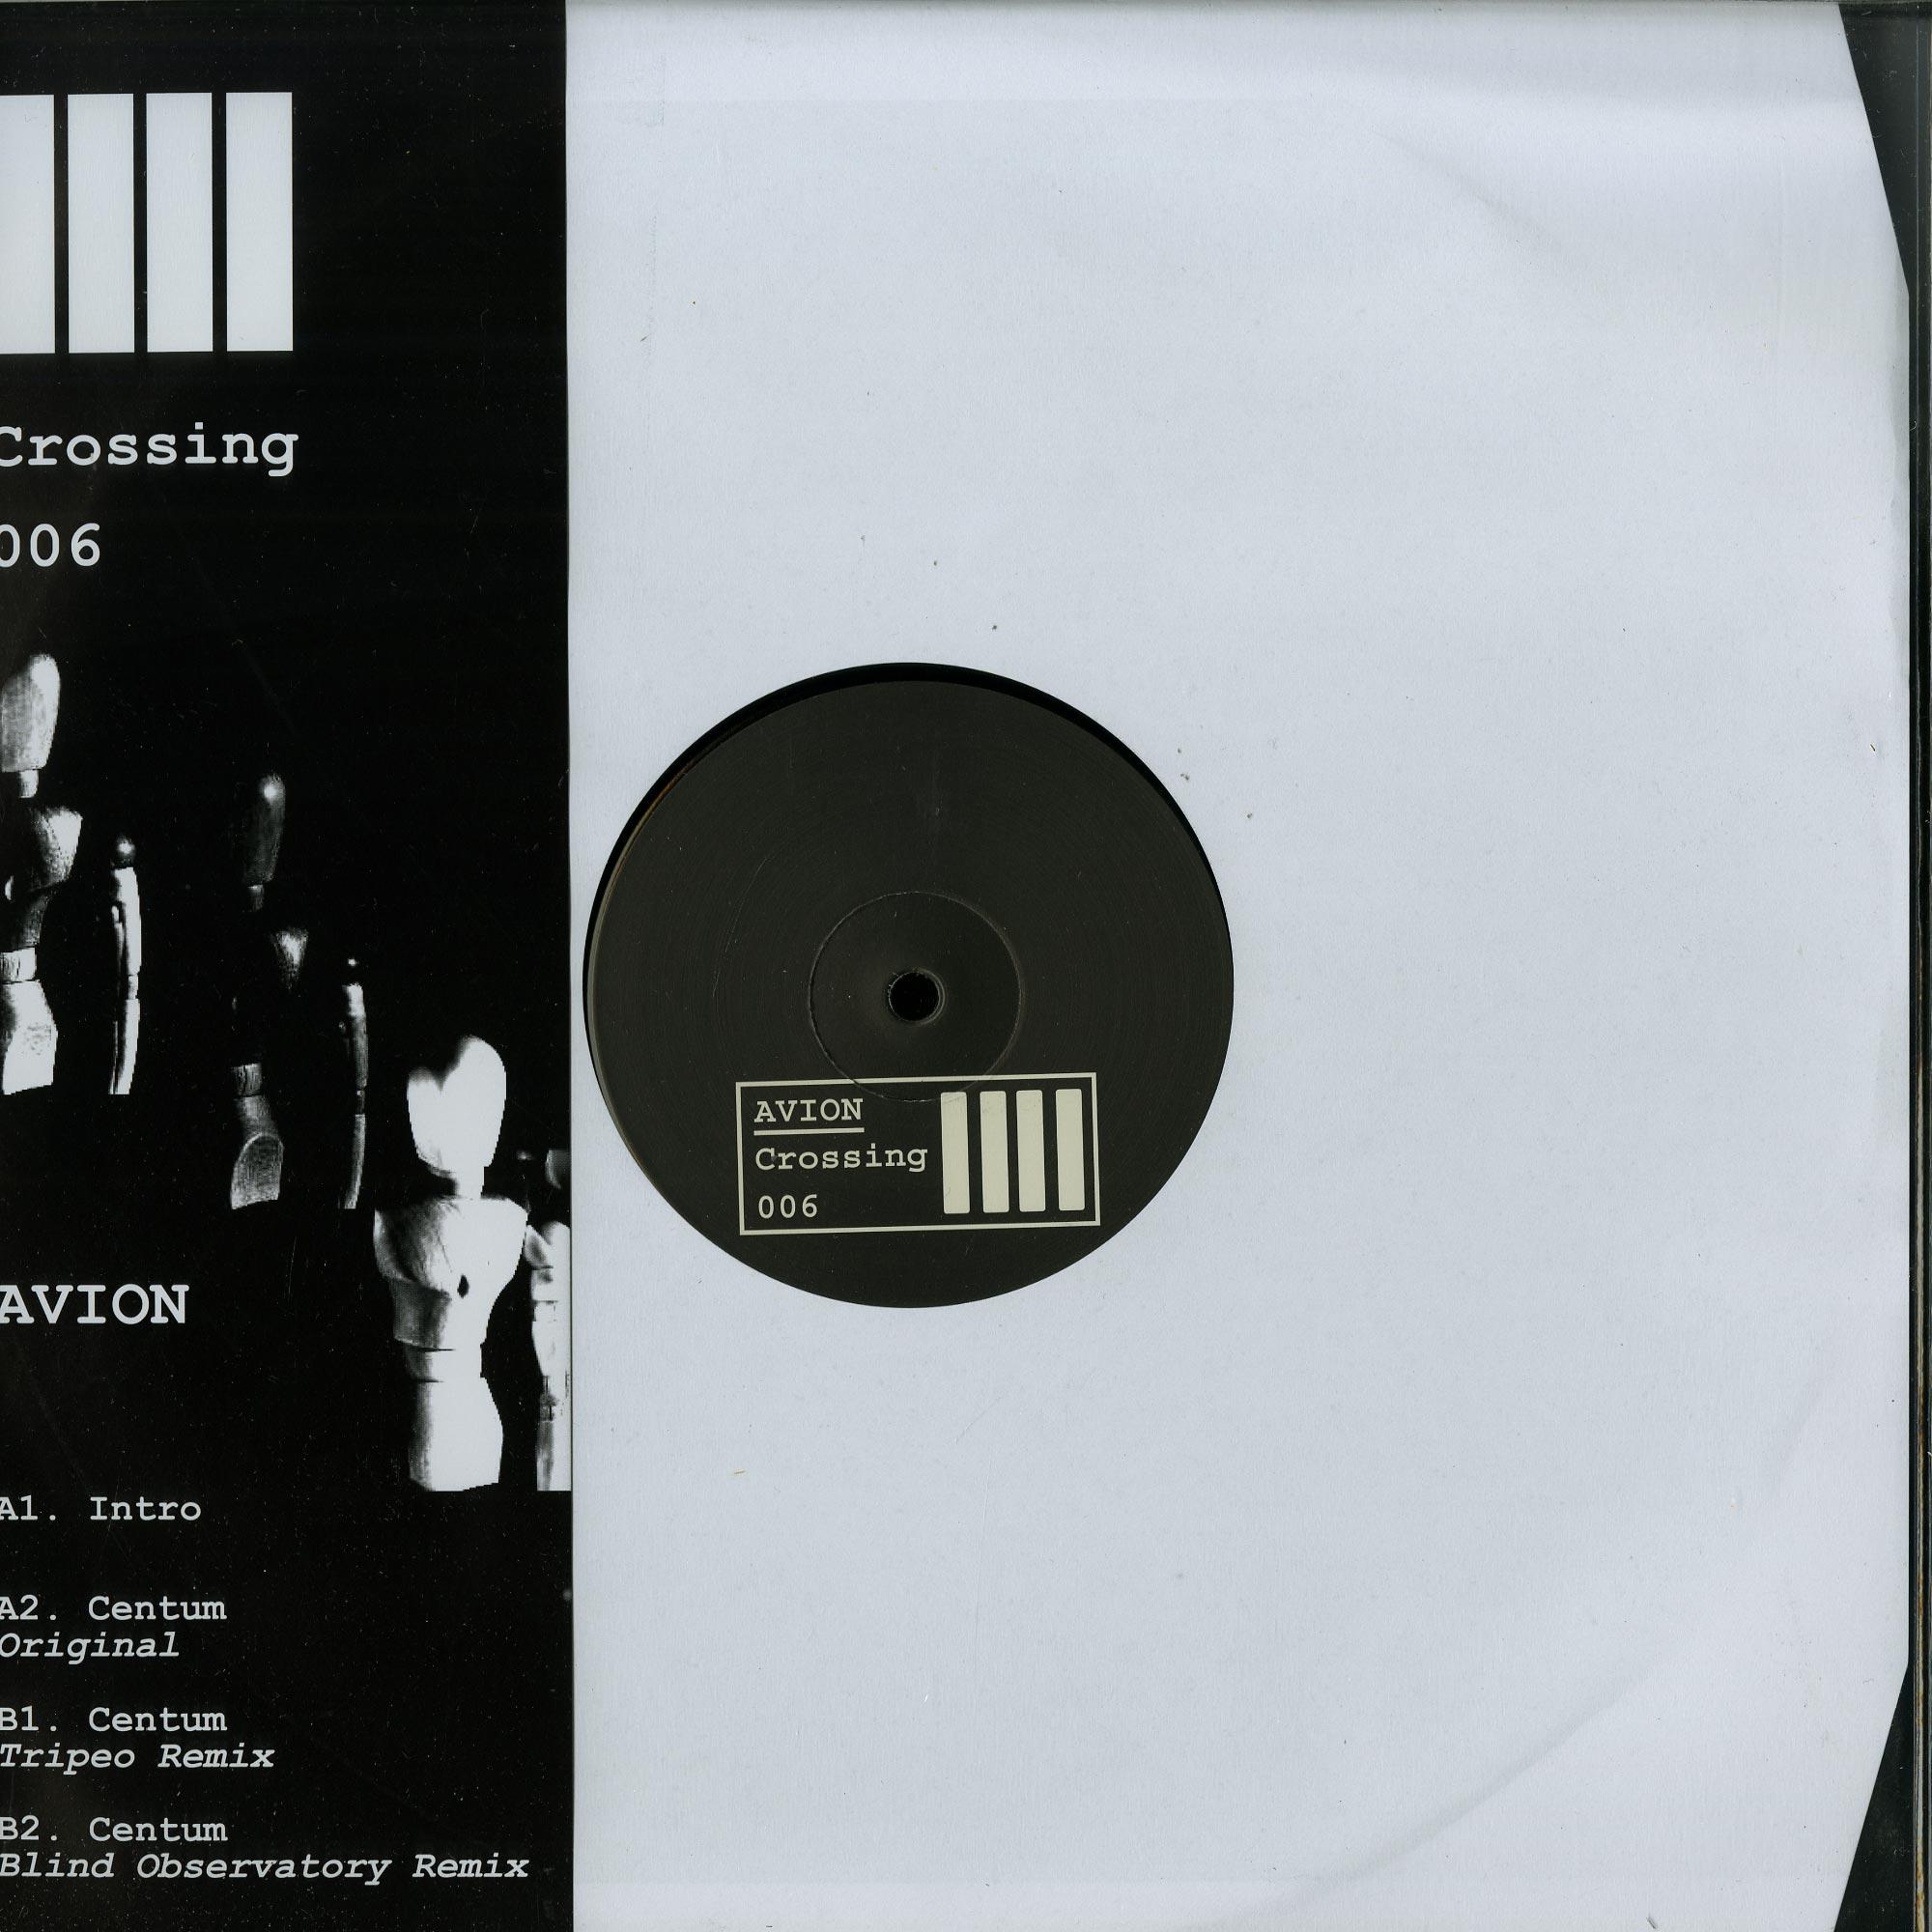 AVION - CROSSING 006